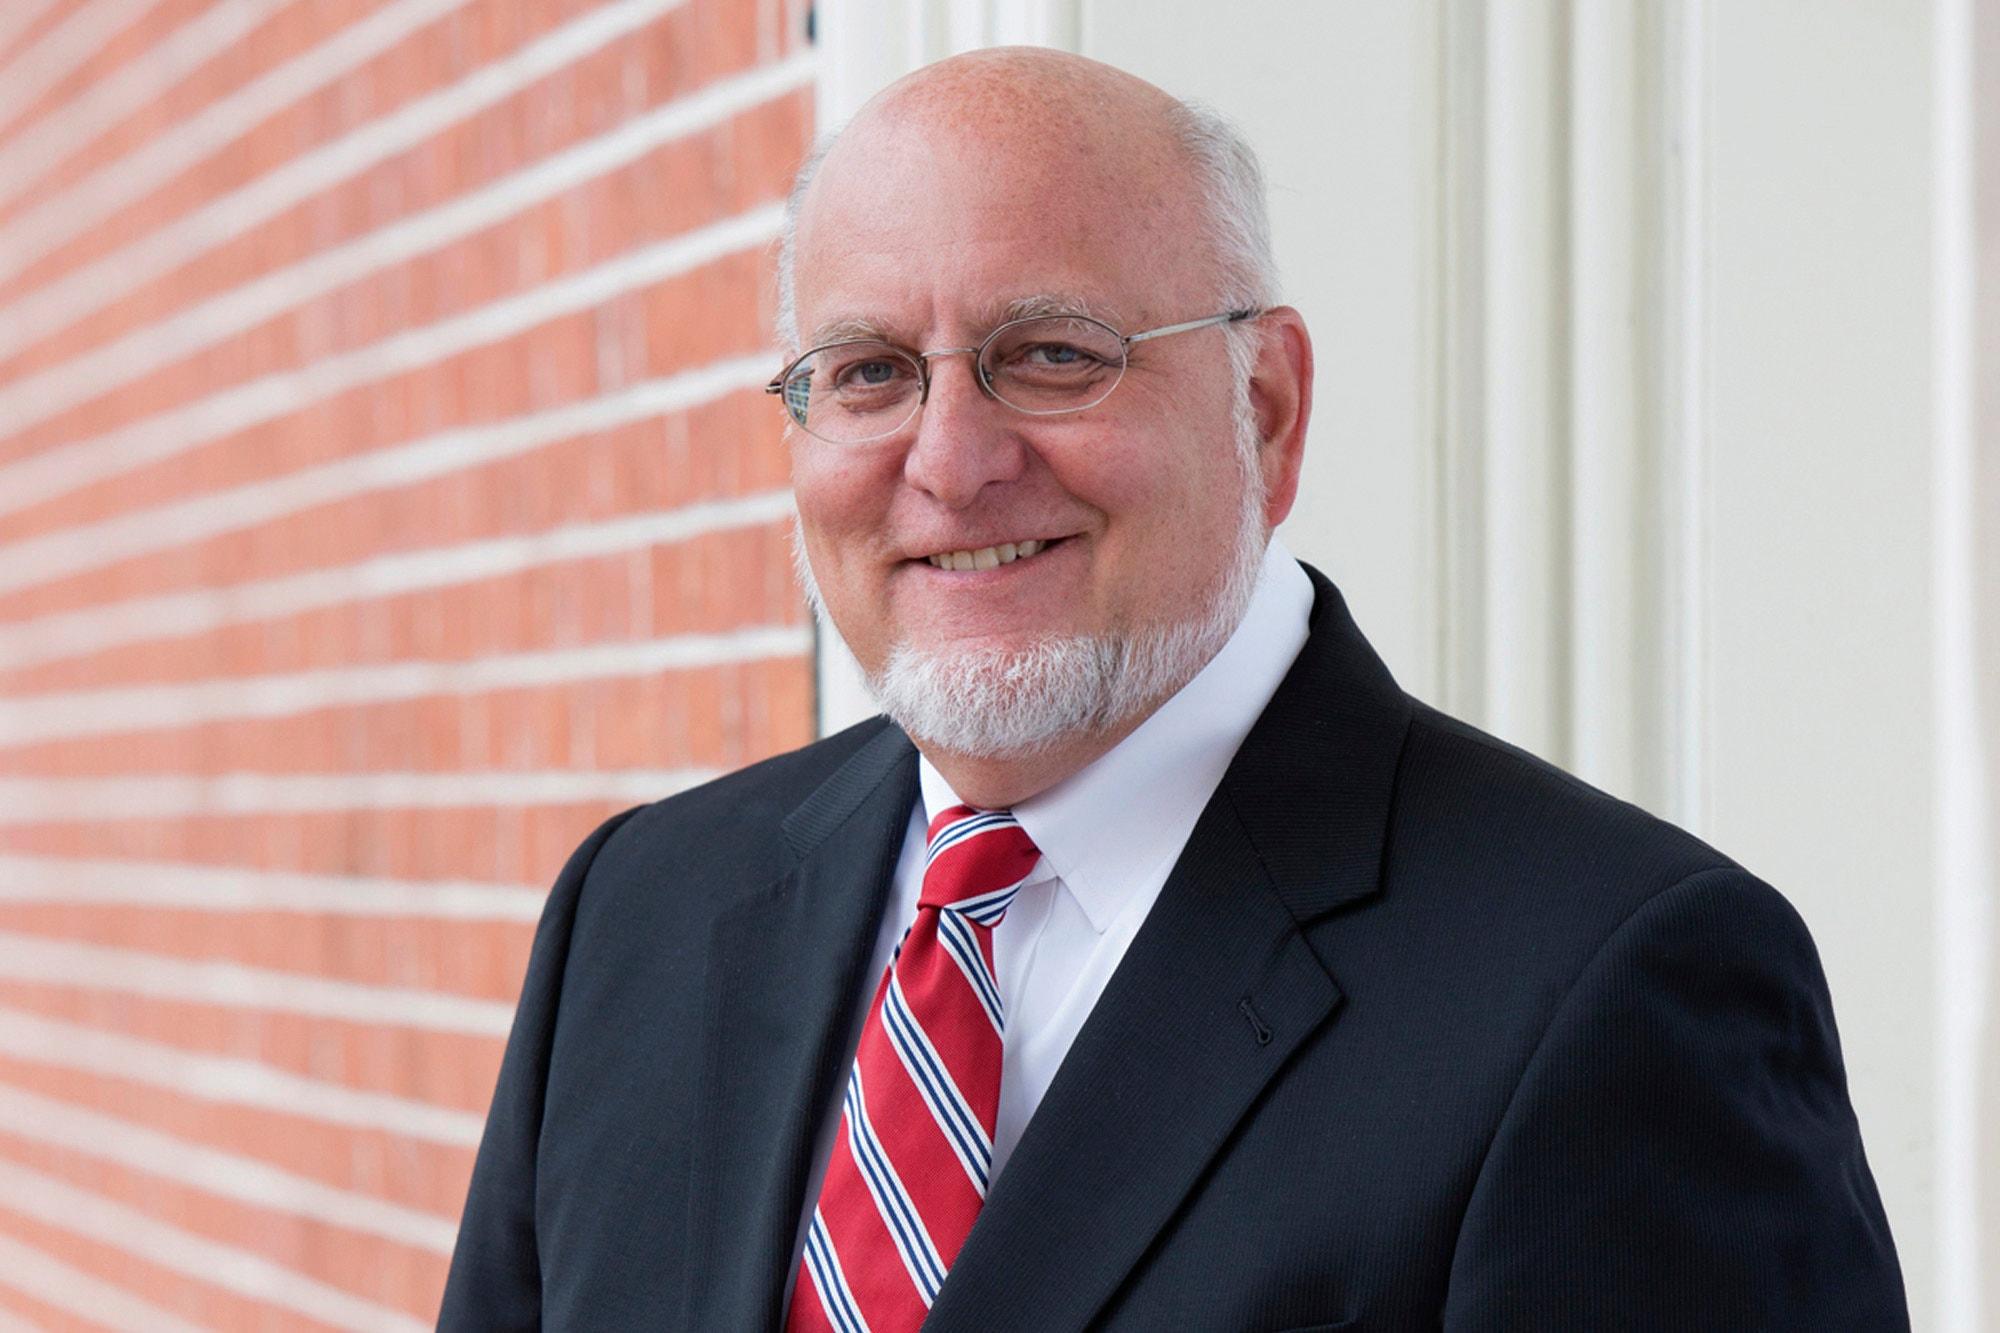 CDC director Robert Redfield